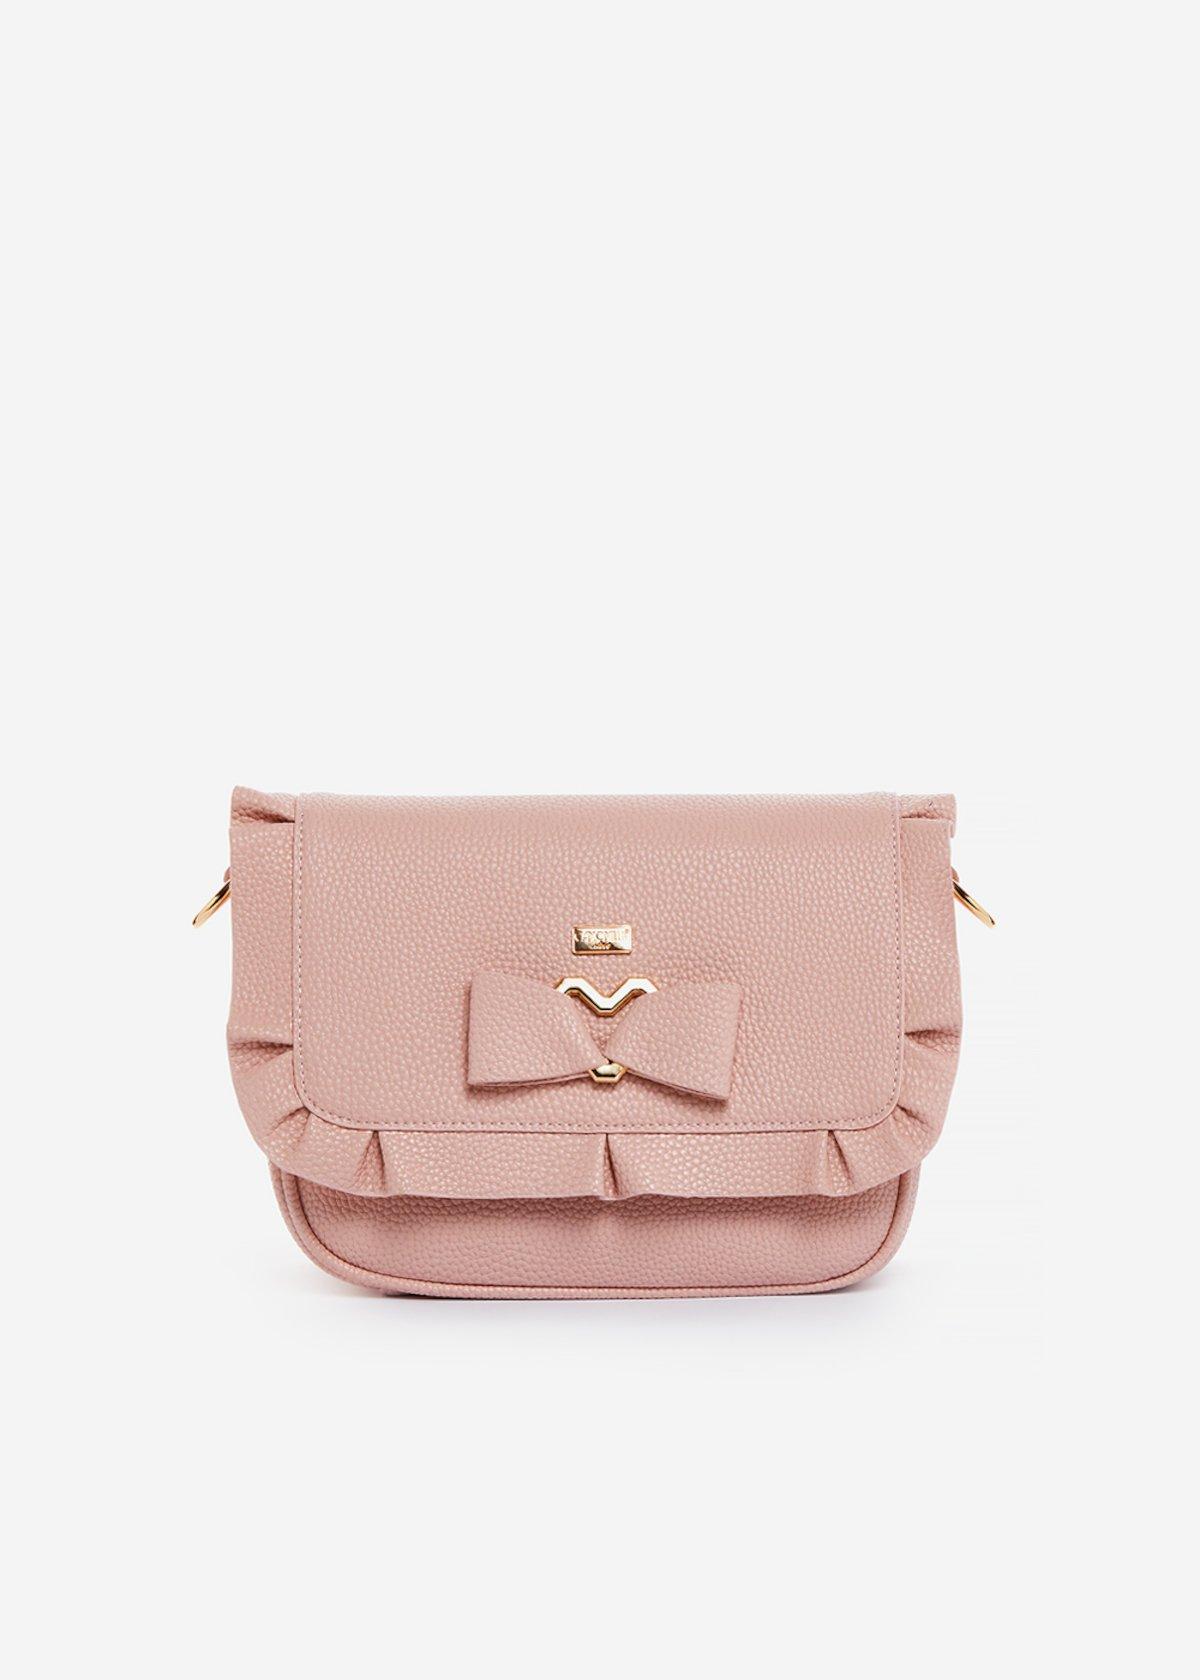 Small handbag Basilia in ecopelle con dettaglio fiocco e rouches - Magnolia